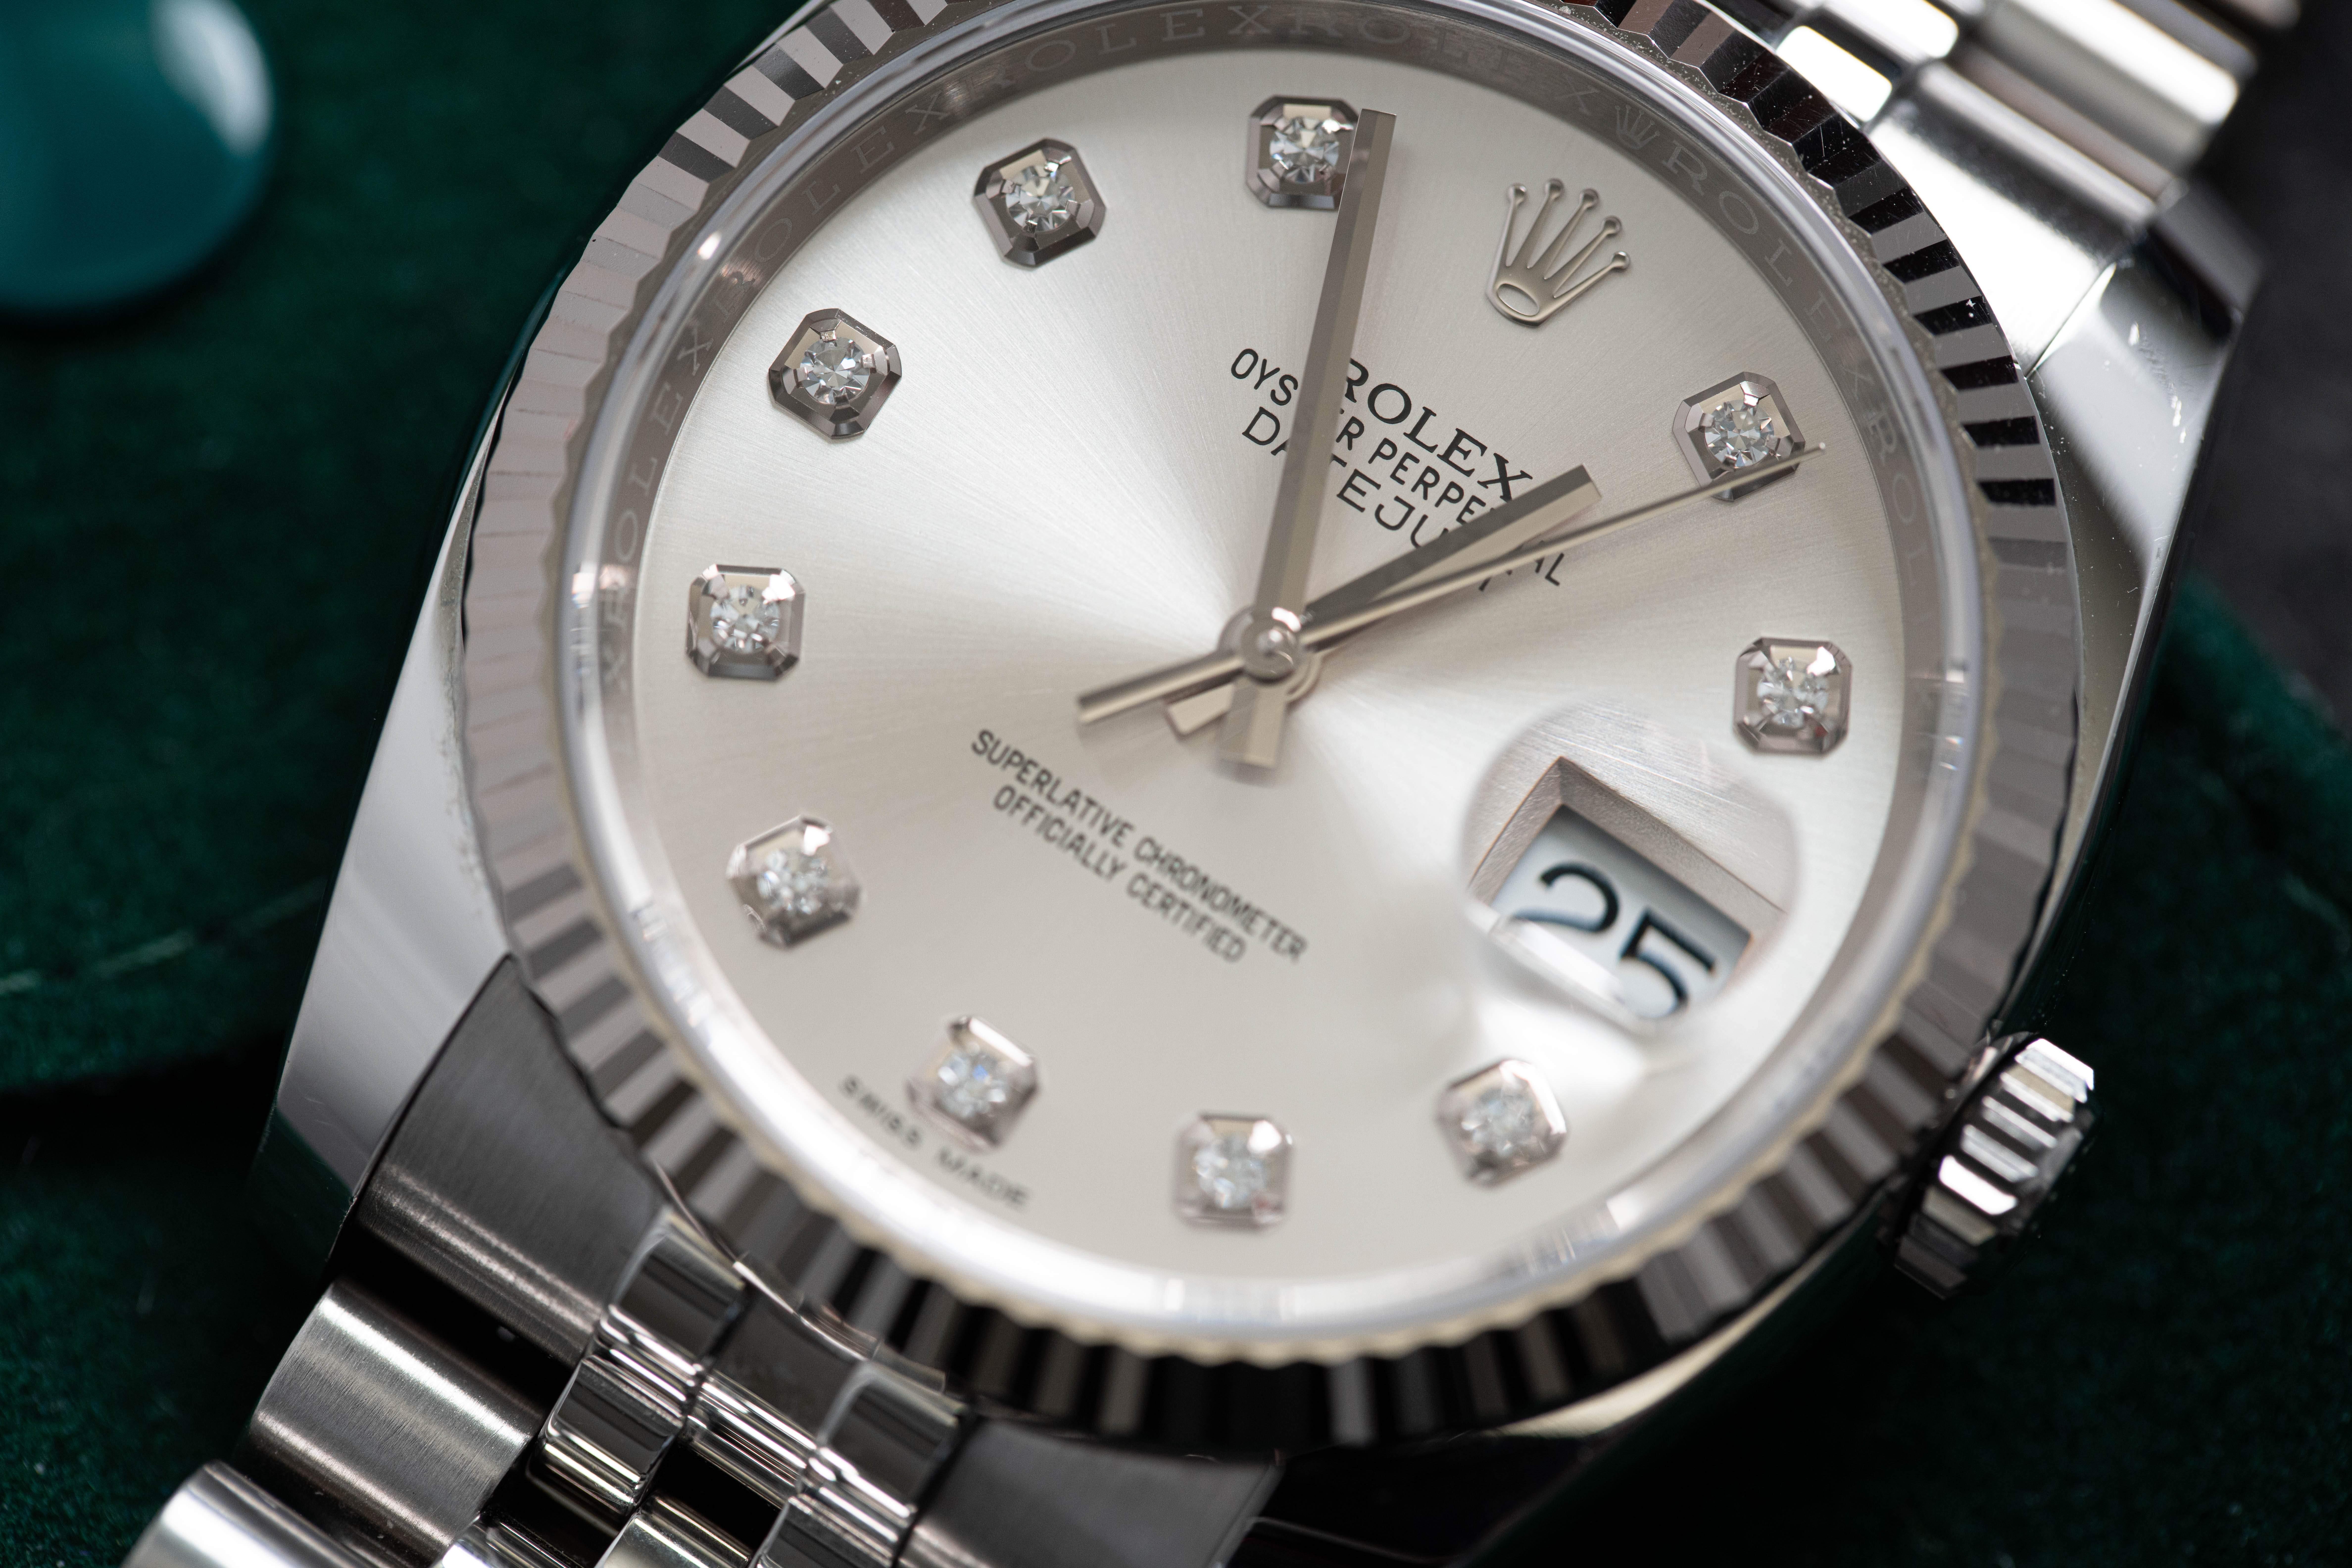 Rolex Datejust 36 Moneyshot